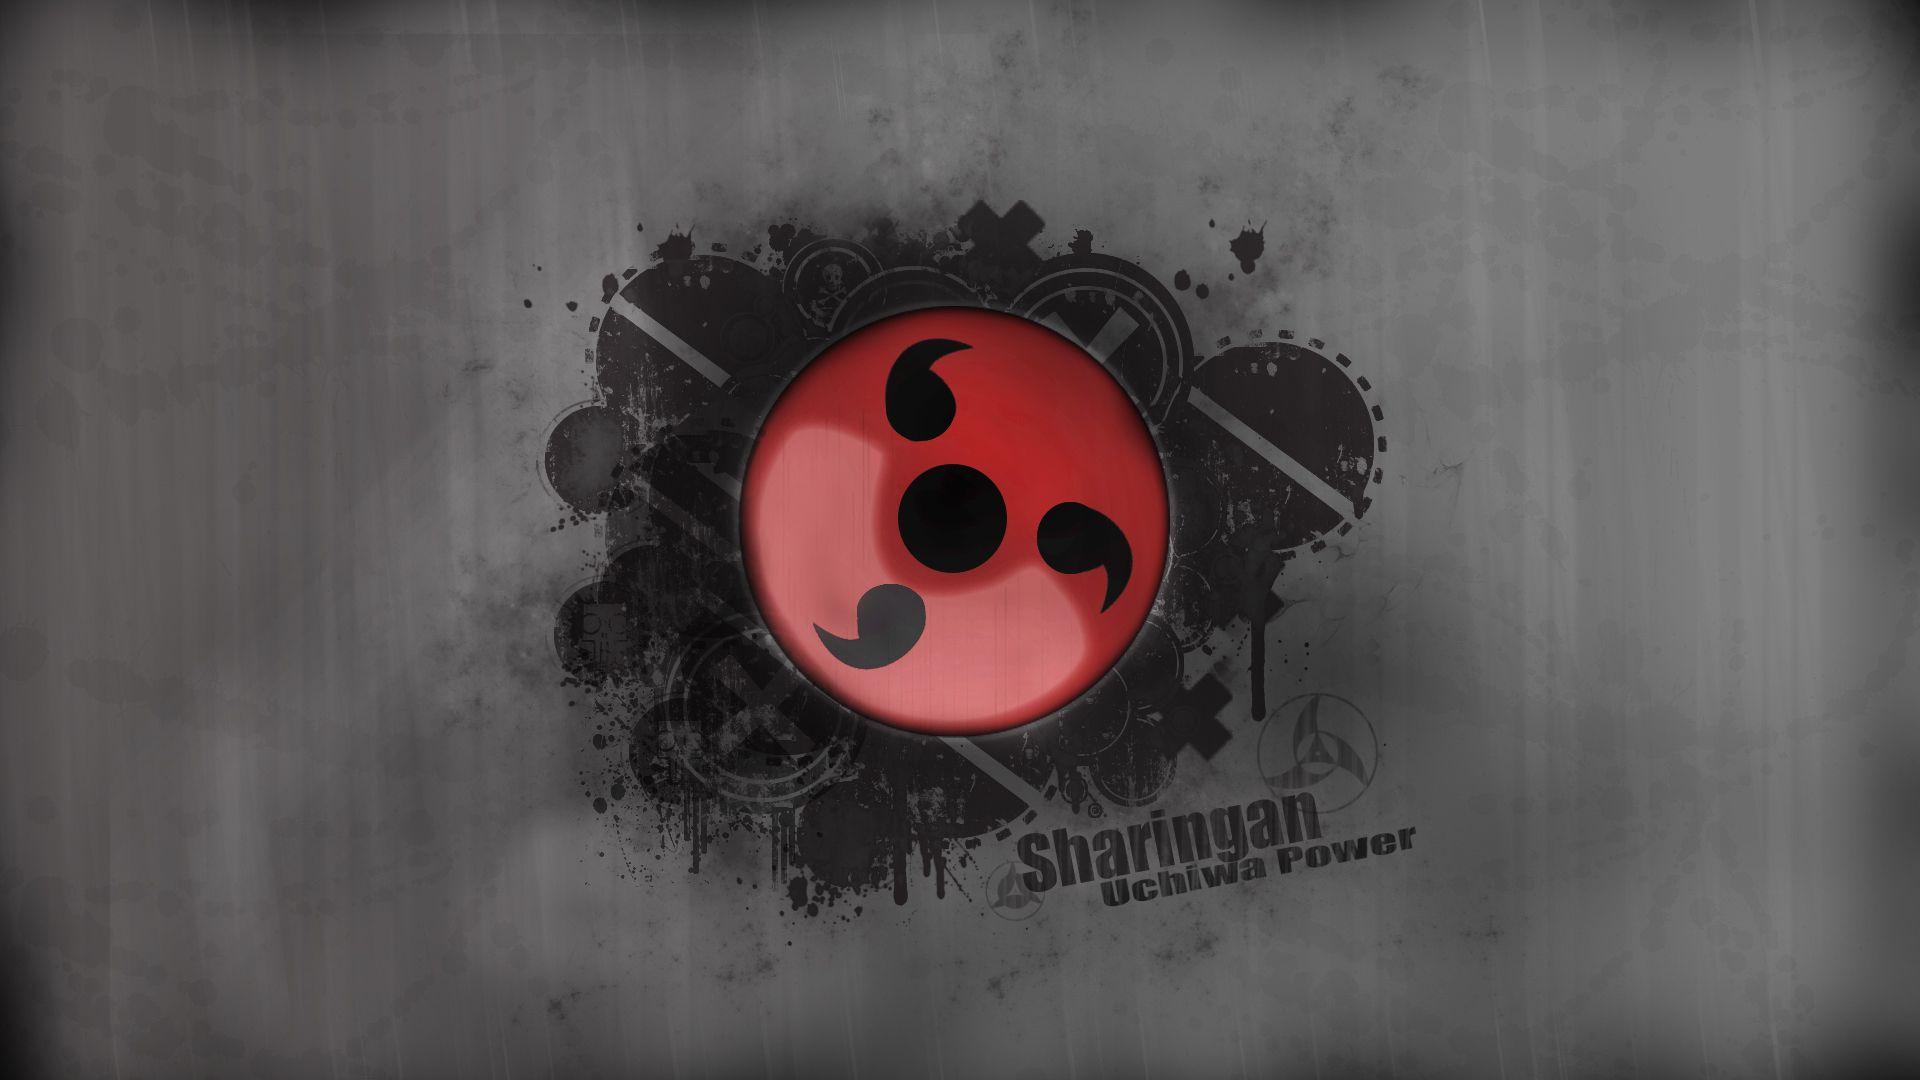 Naruto Logo Hd Wallpaper With Images Sharingan Wallpapers